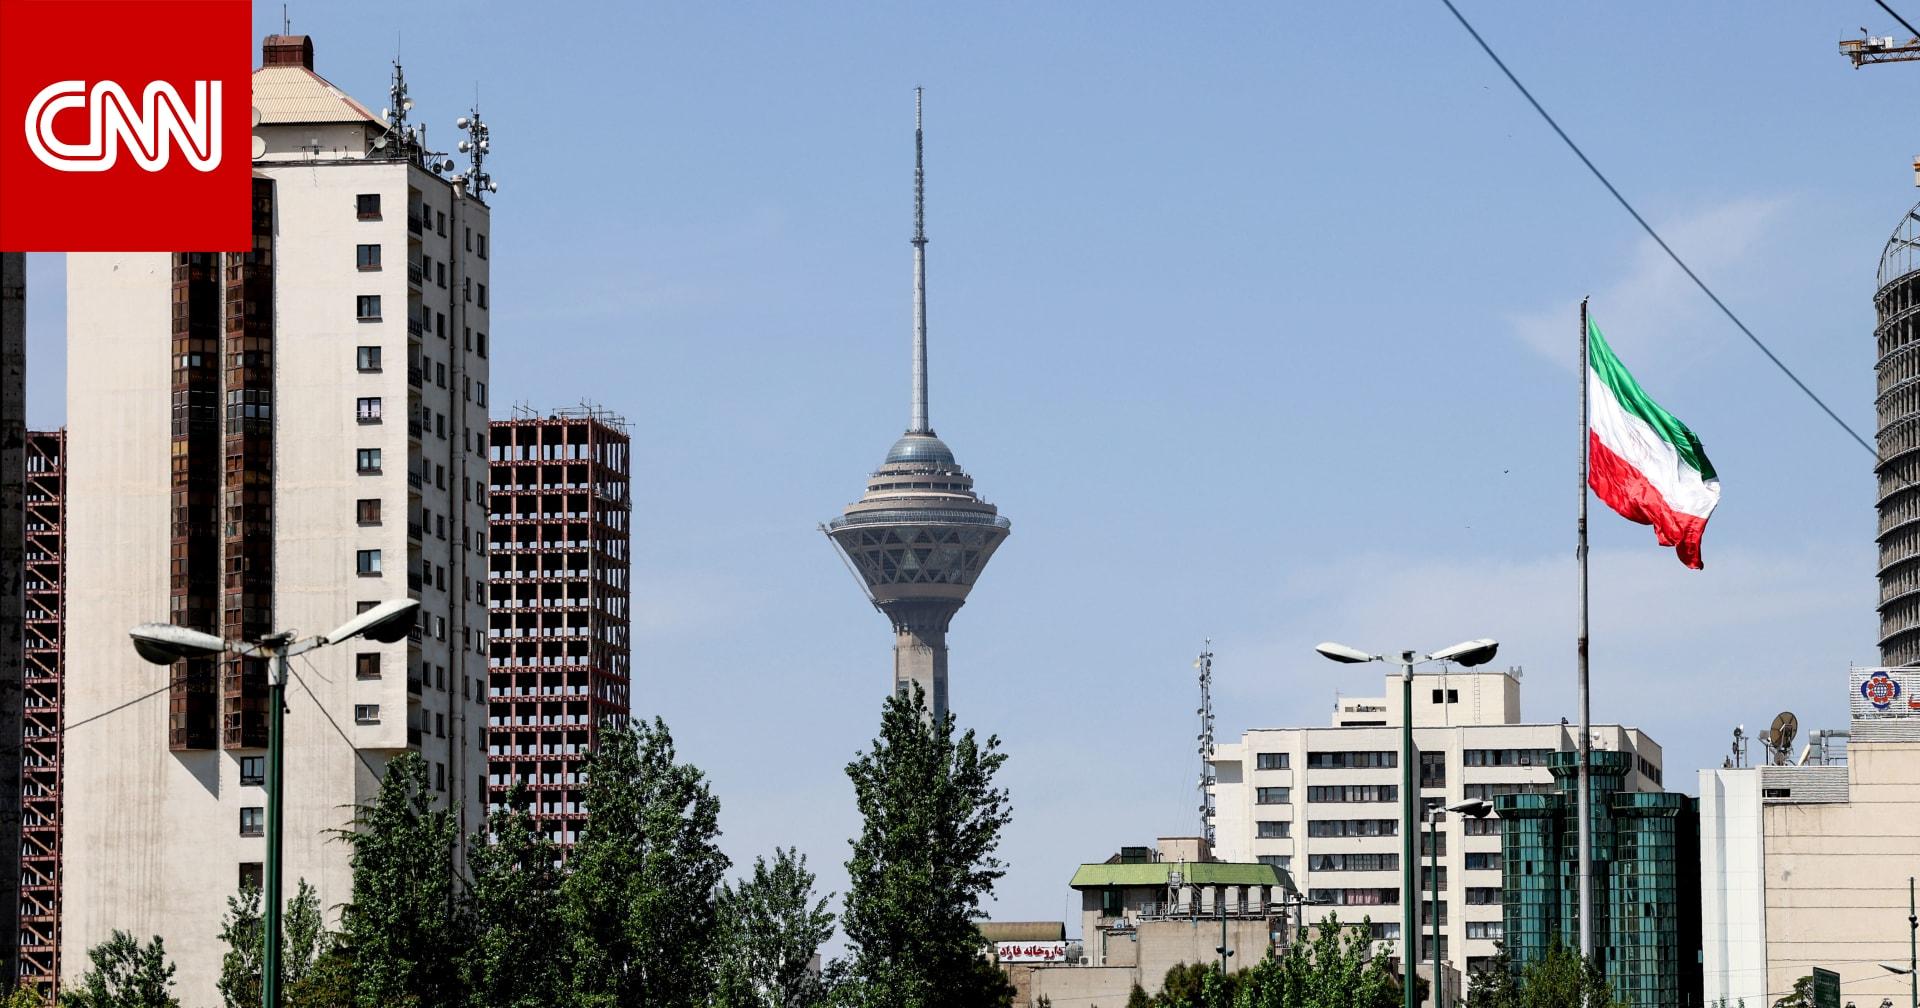 إيران: مصرع موظفة بالسفارة السويسرية إثر سقوطها من الطابق الـ18 لبرج سكني.. والشرطة تحقق